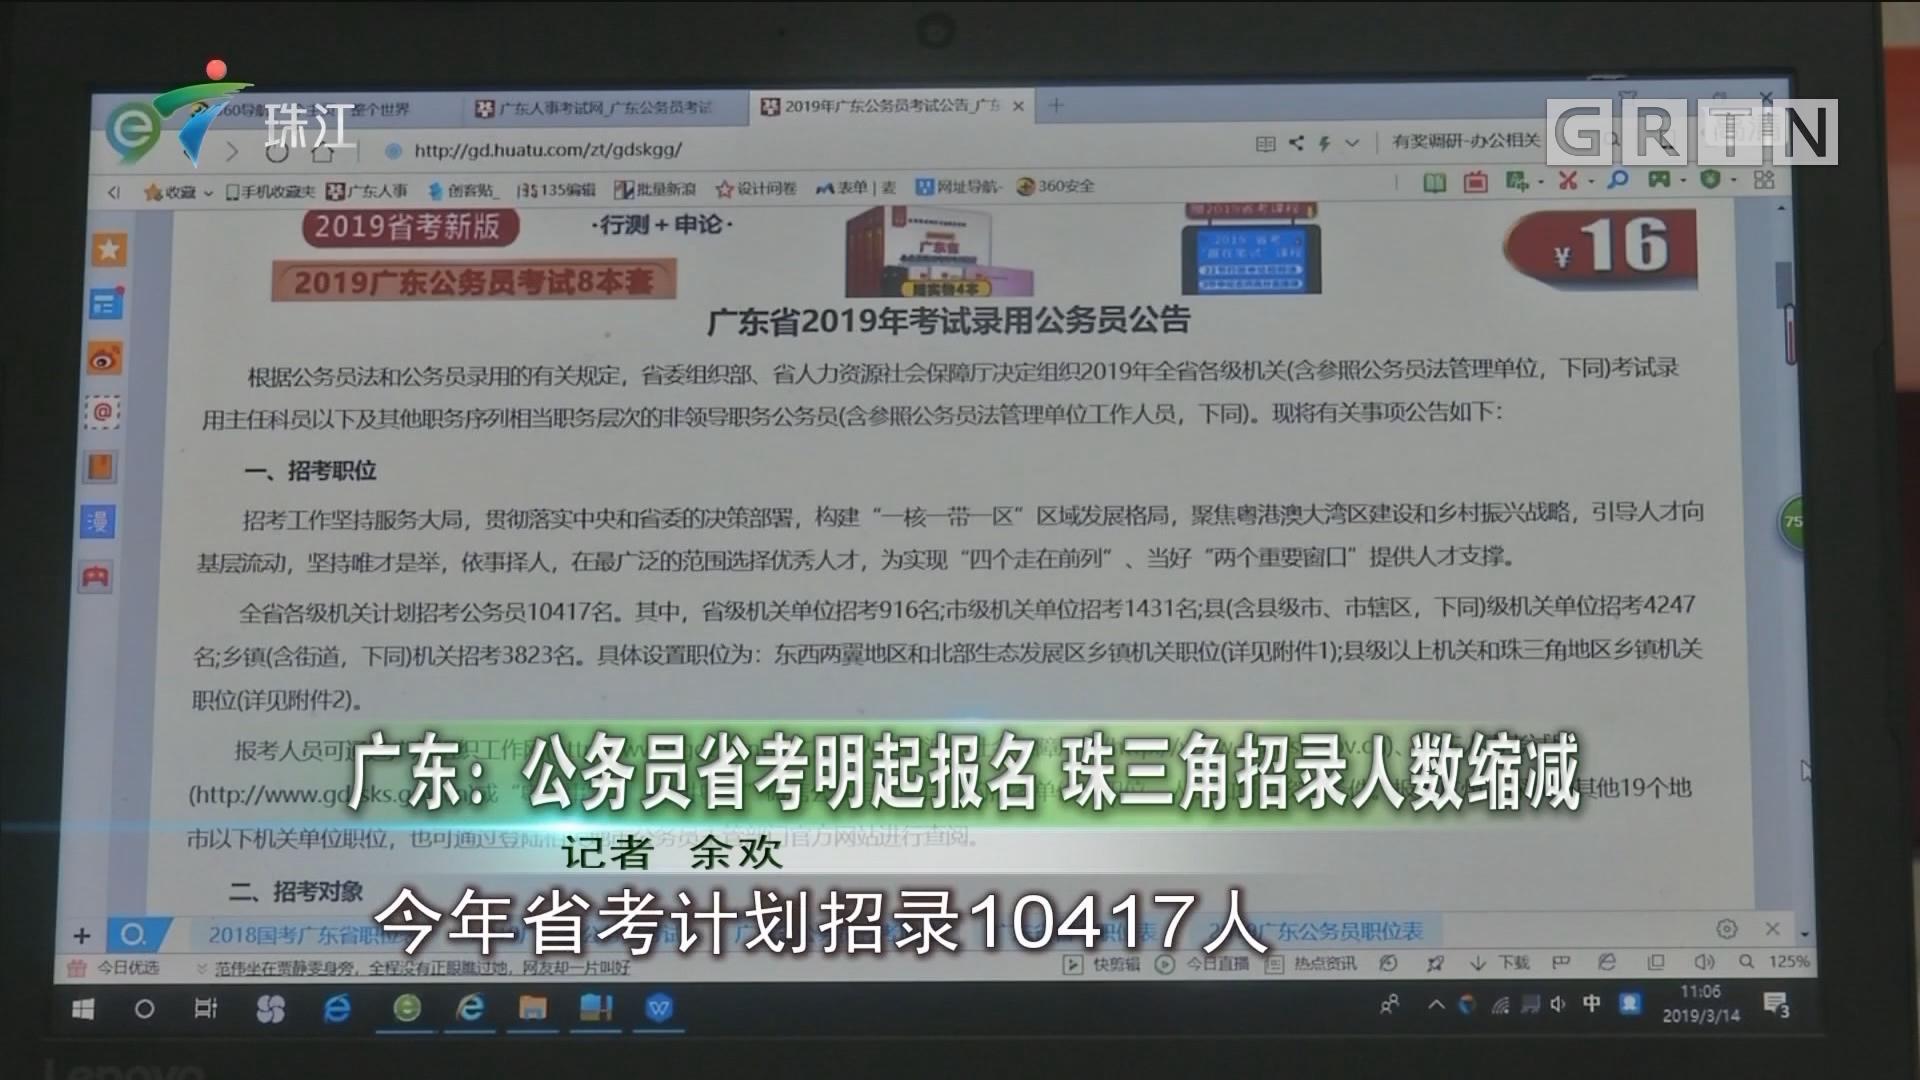 广东:公务员省考明起报名 珠三角招录人数缩减